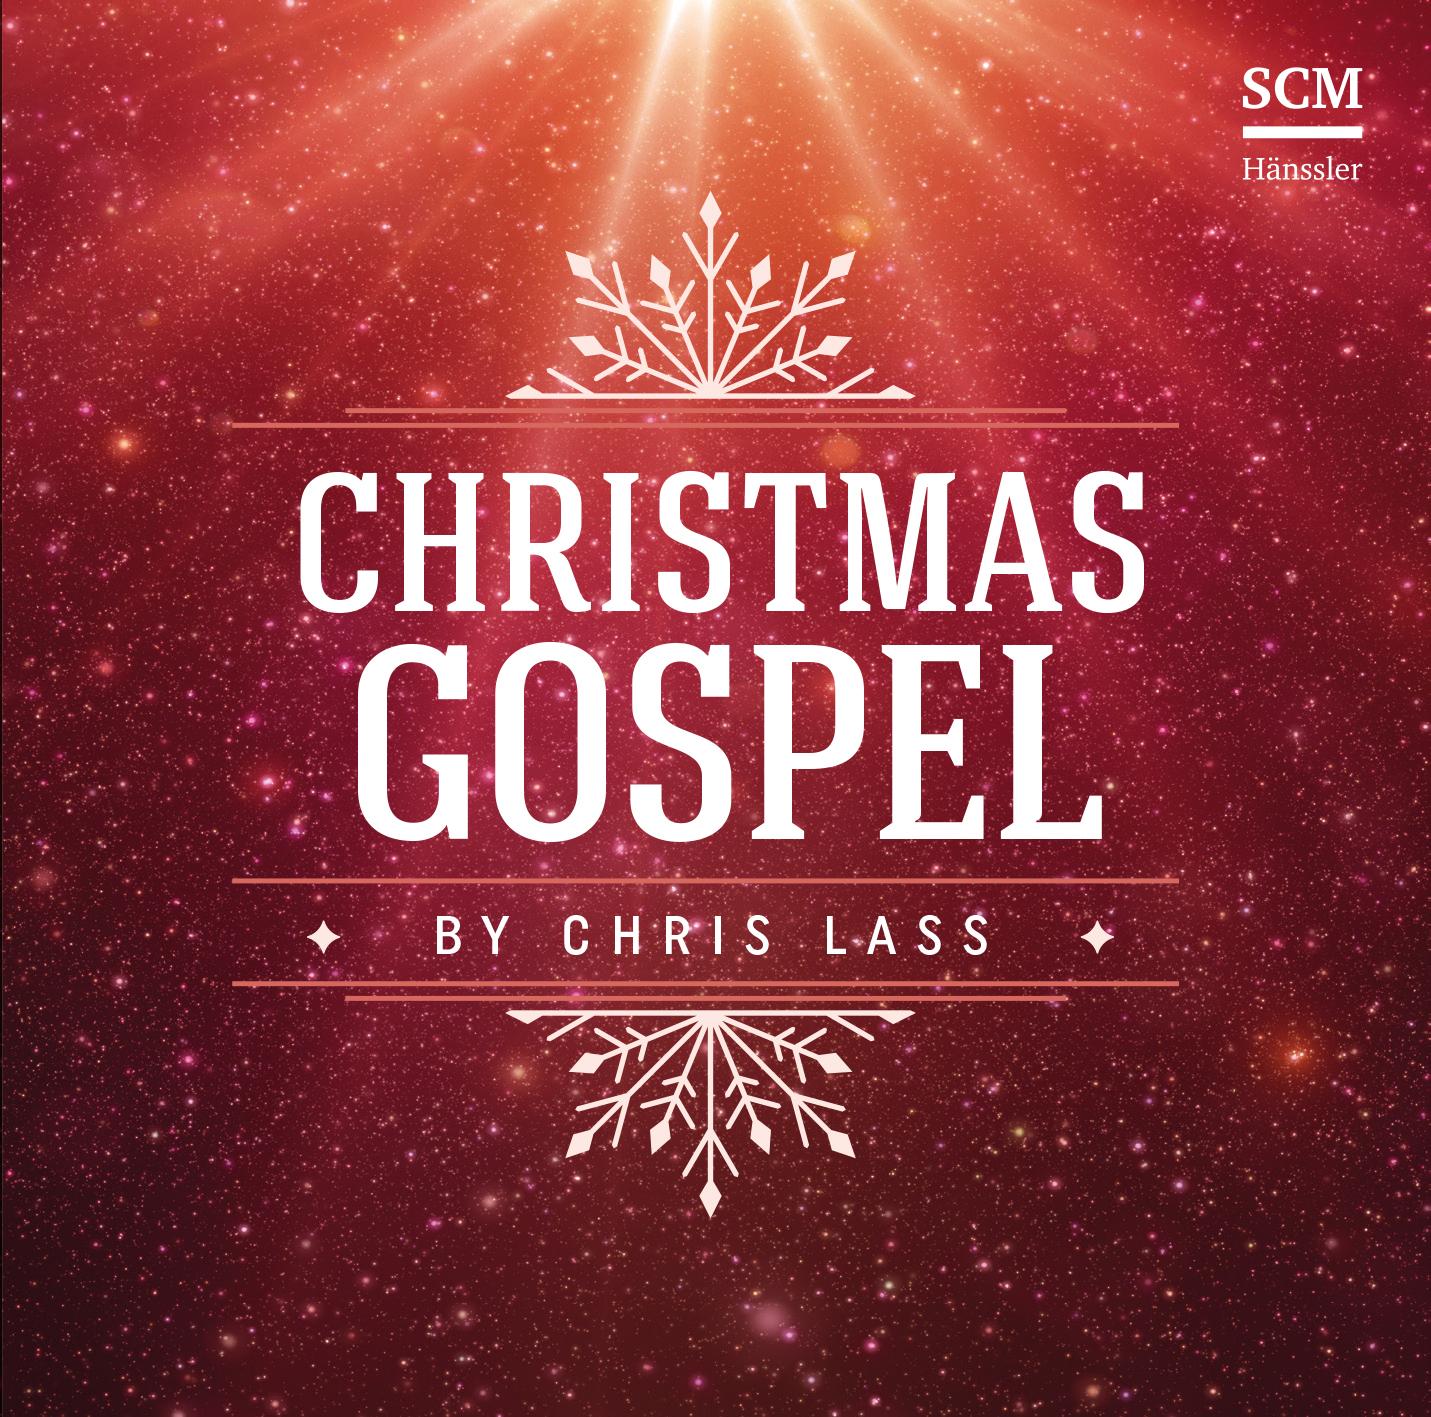 Christmas Gospel   Chris Lass – SCM Shop